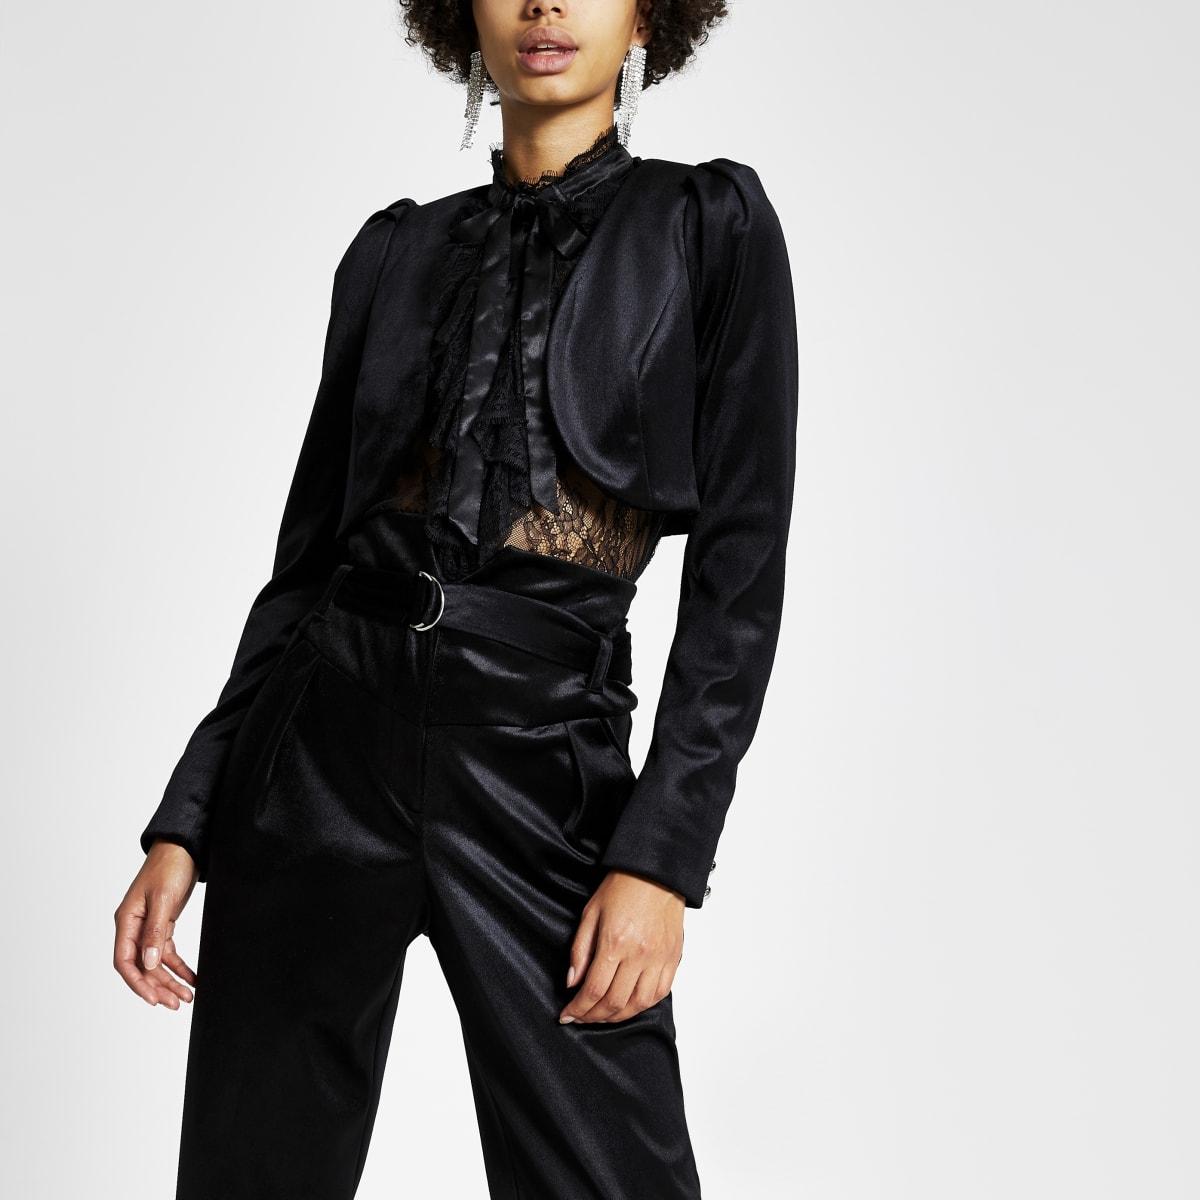 Veste courte en velours noirà manches longues